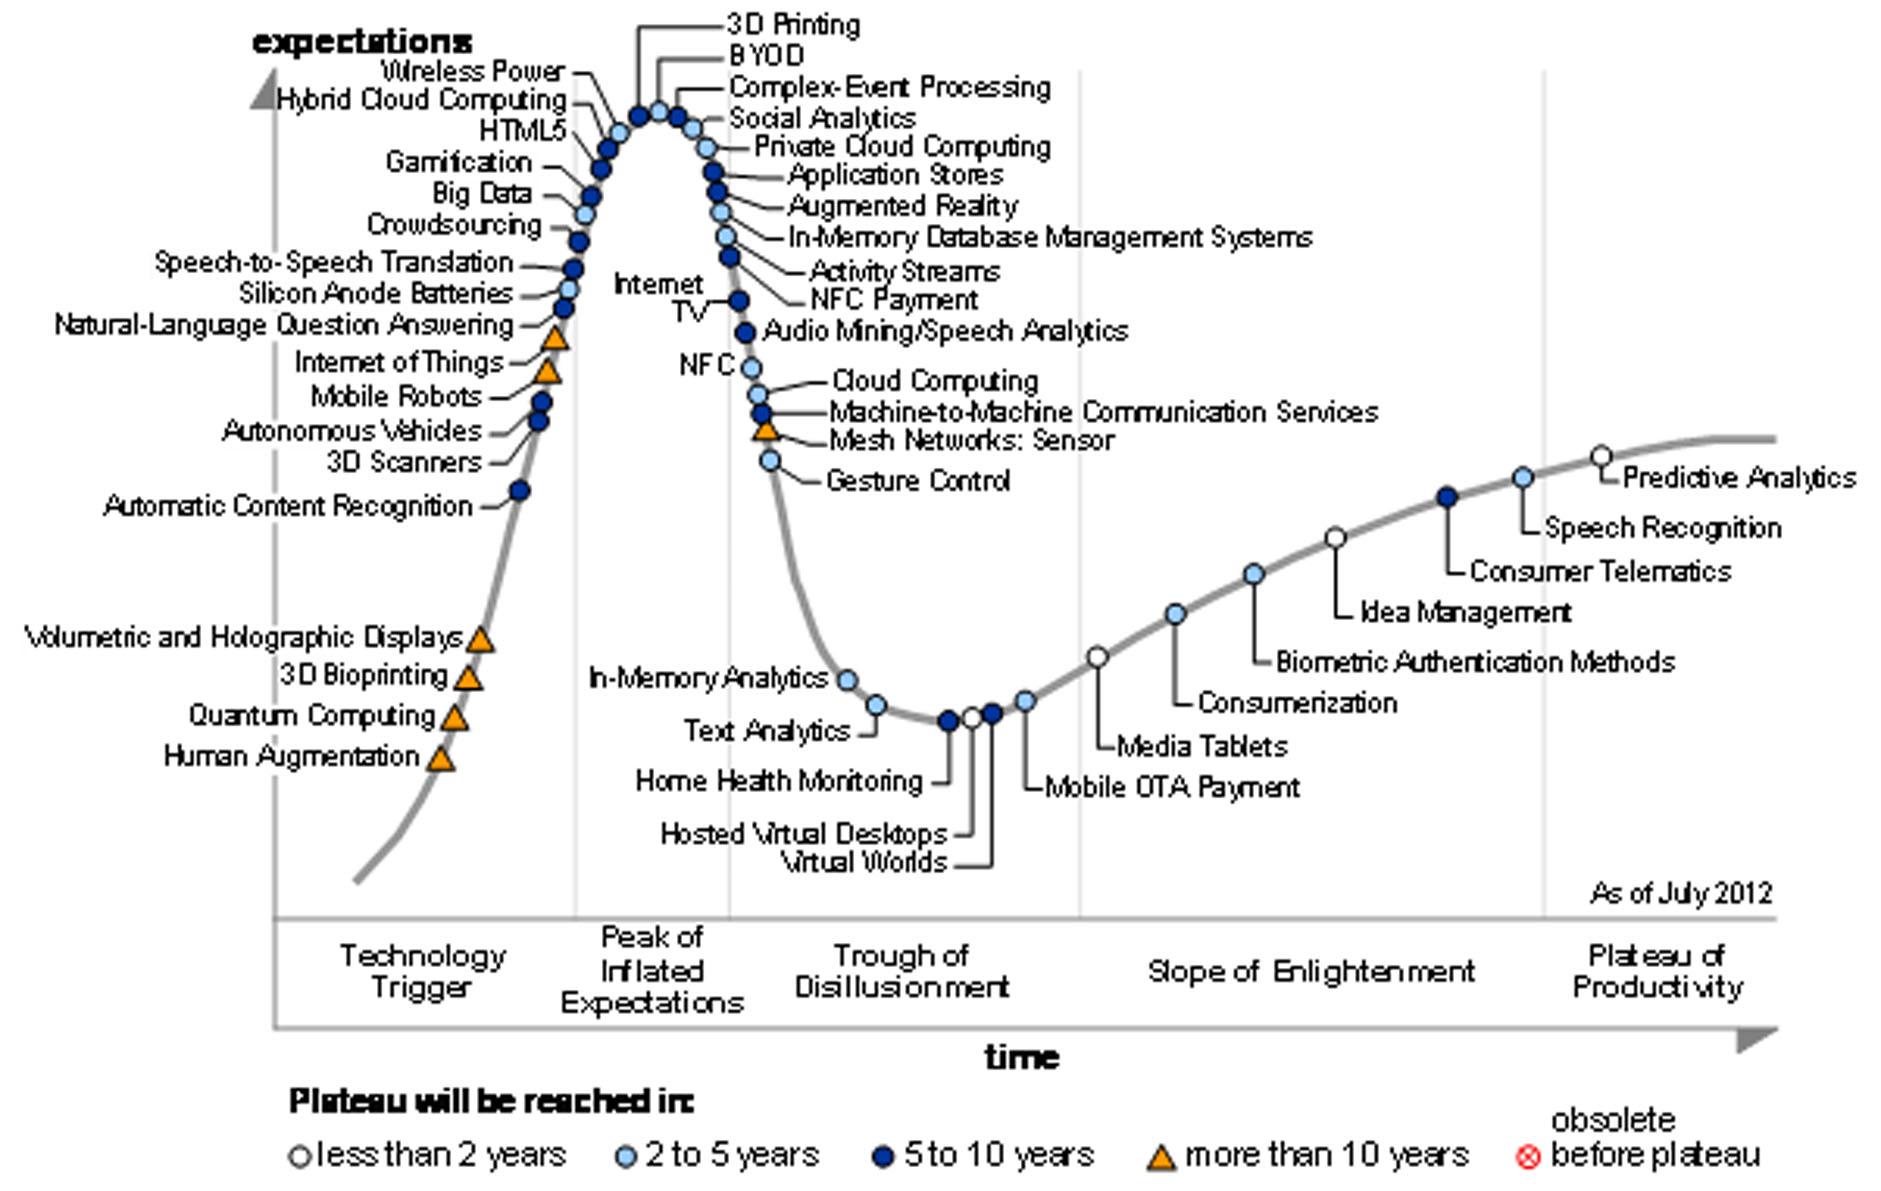 gartner-hype-circle-for-emerging-technologies-2012.jpg